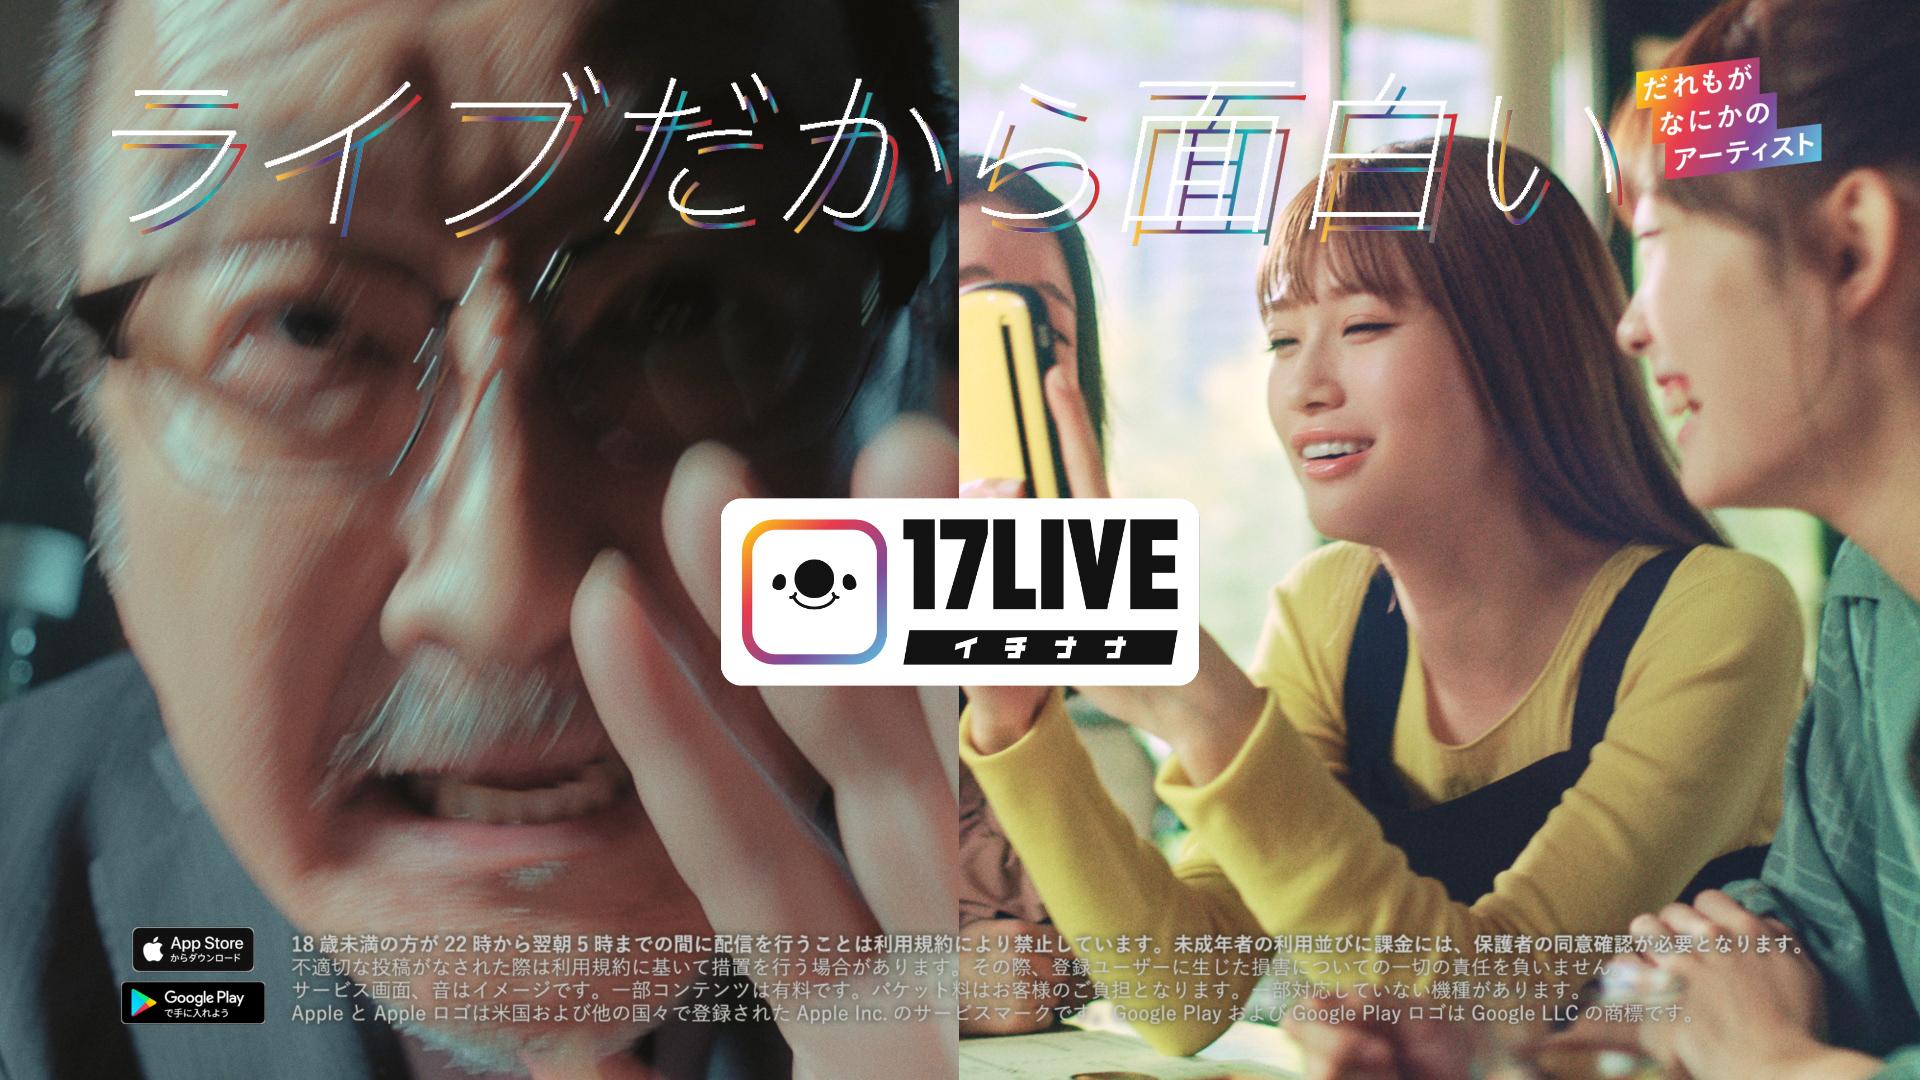 吉田鋼太郎 & 生見愛瑠、父娘役で共演!「17LIVE(イチナナ)」新TVCM